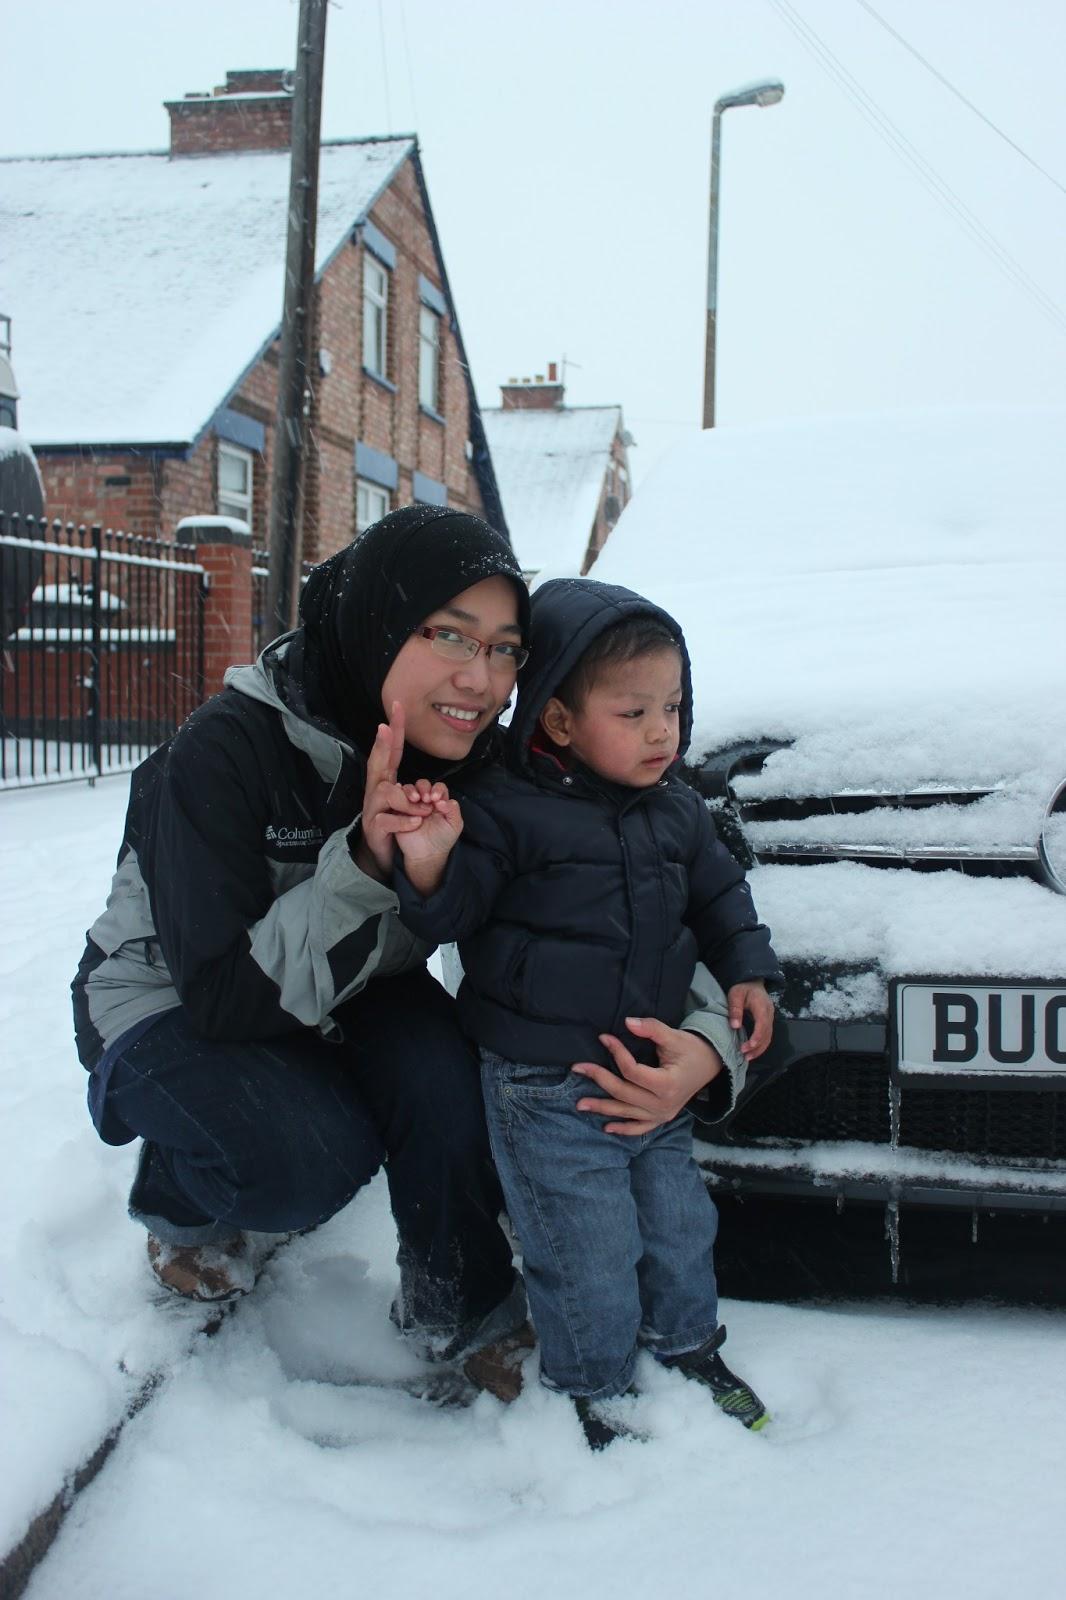 rayyan dan kakak ipar kak min muka rayyan masam je sebab takut snow